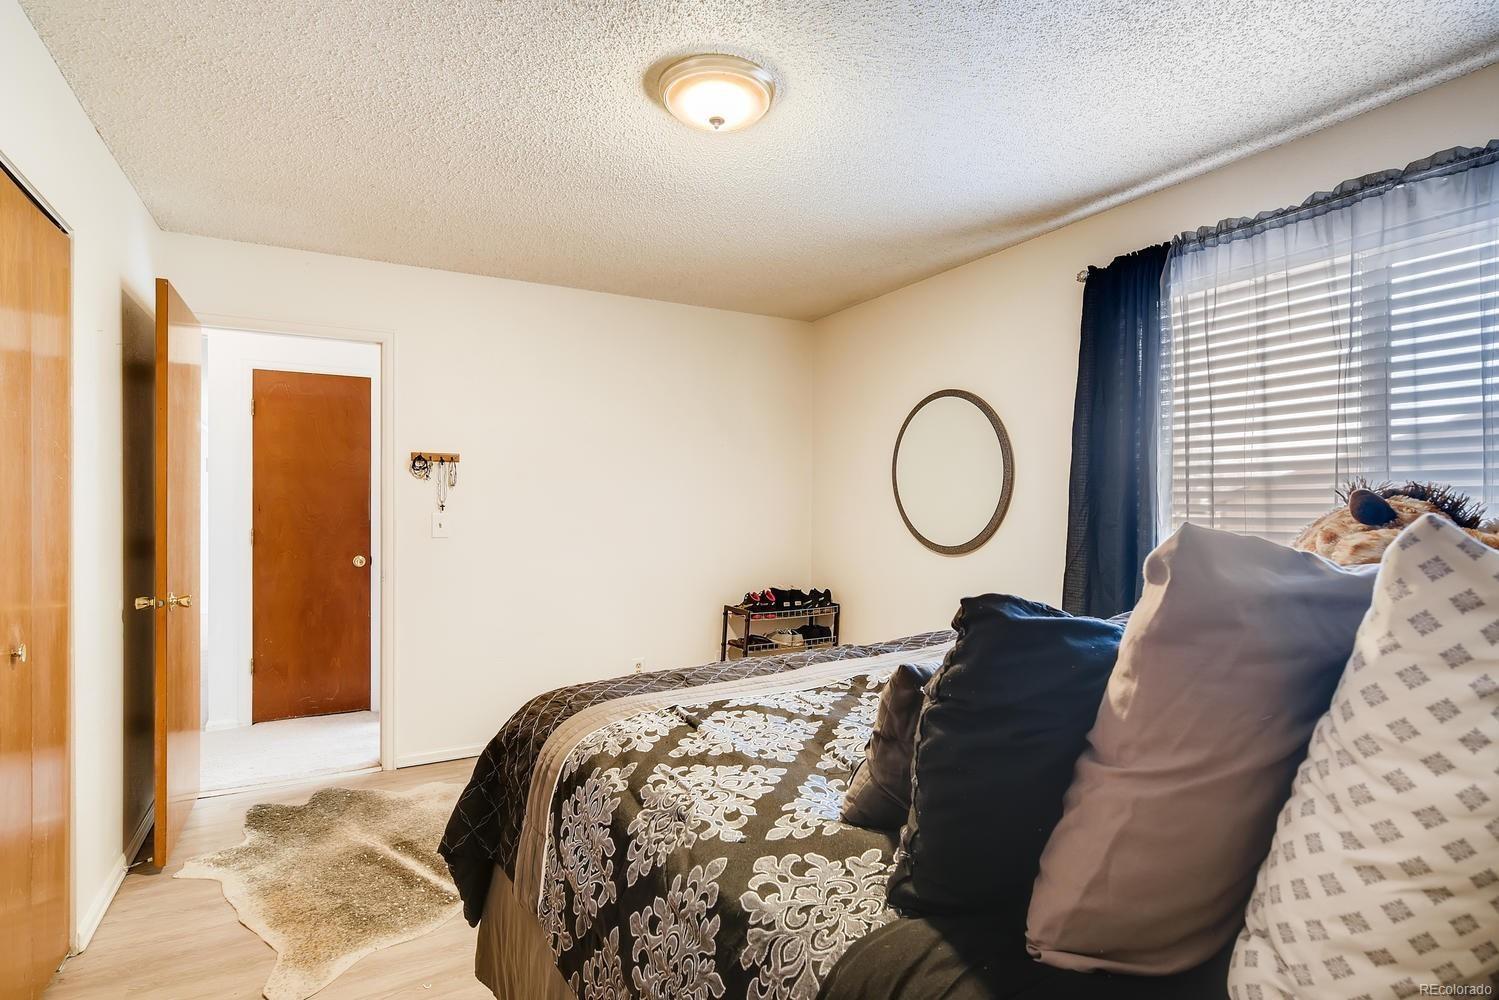 MLS# 2929156 - 11 - 4285 Dye Street, Colorado Springs, CO 80911